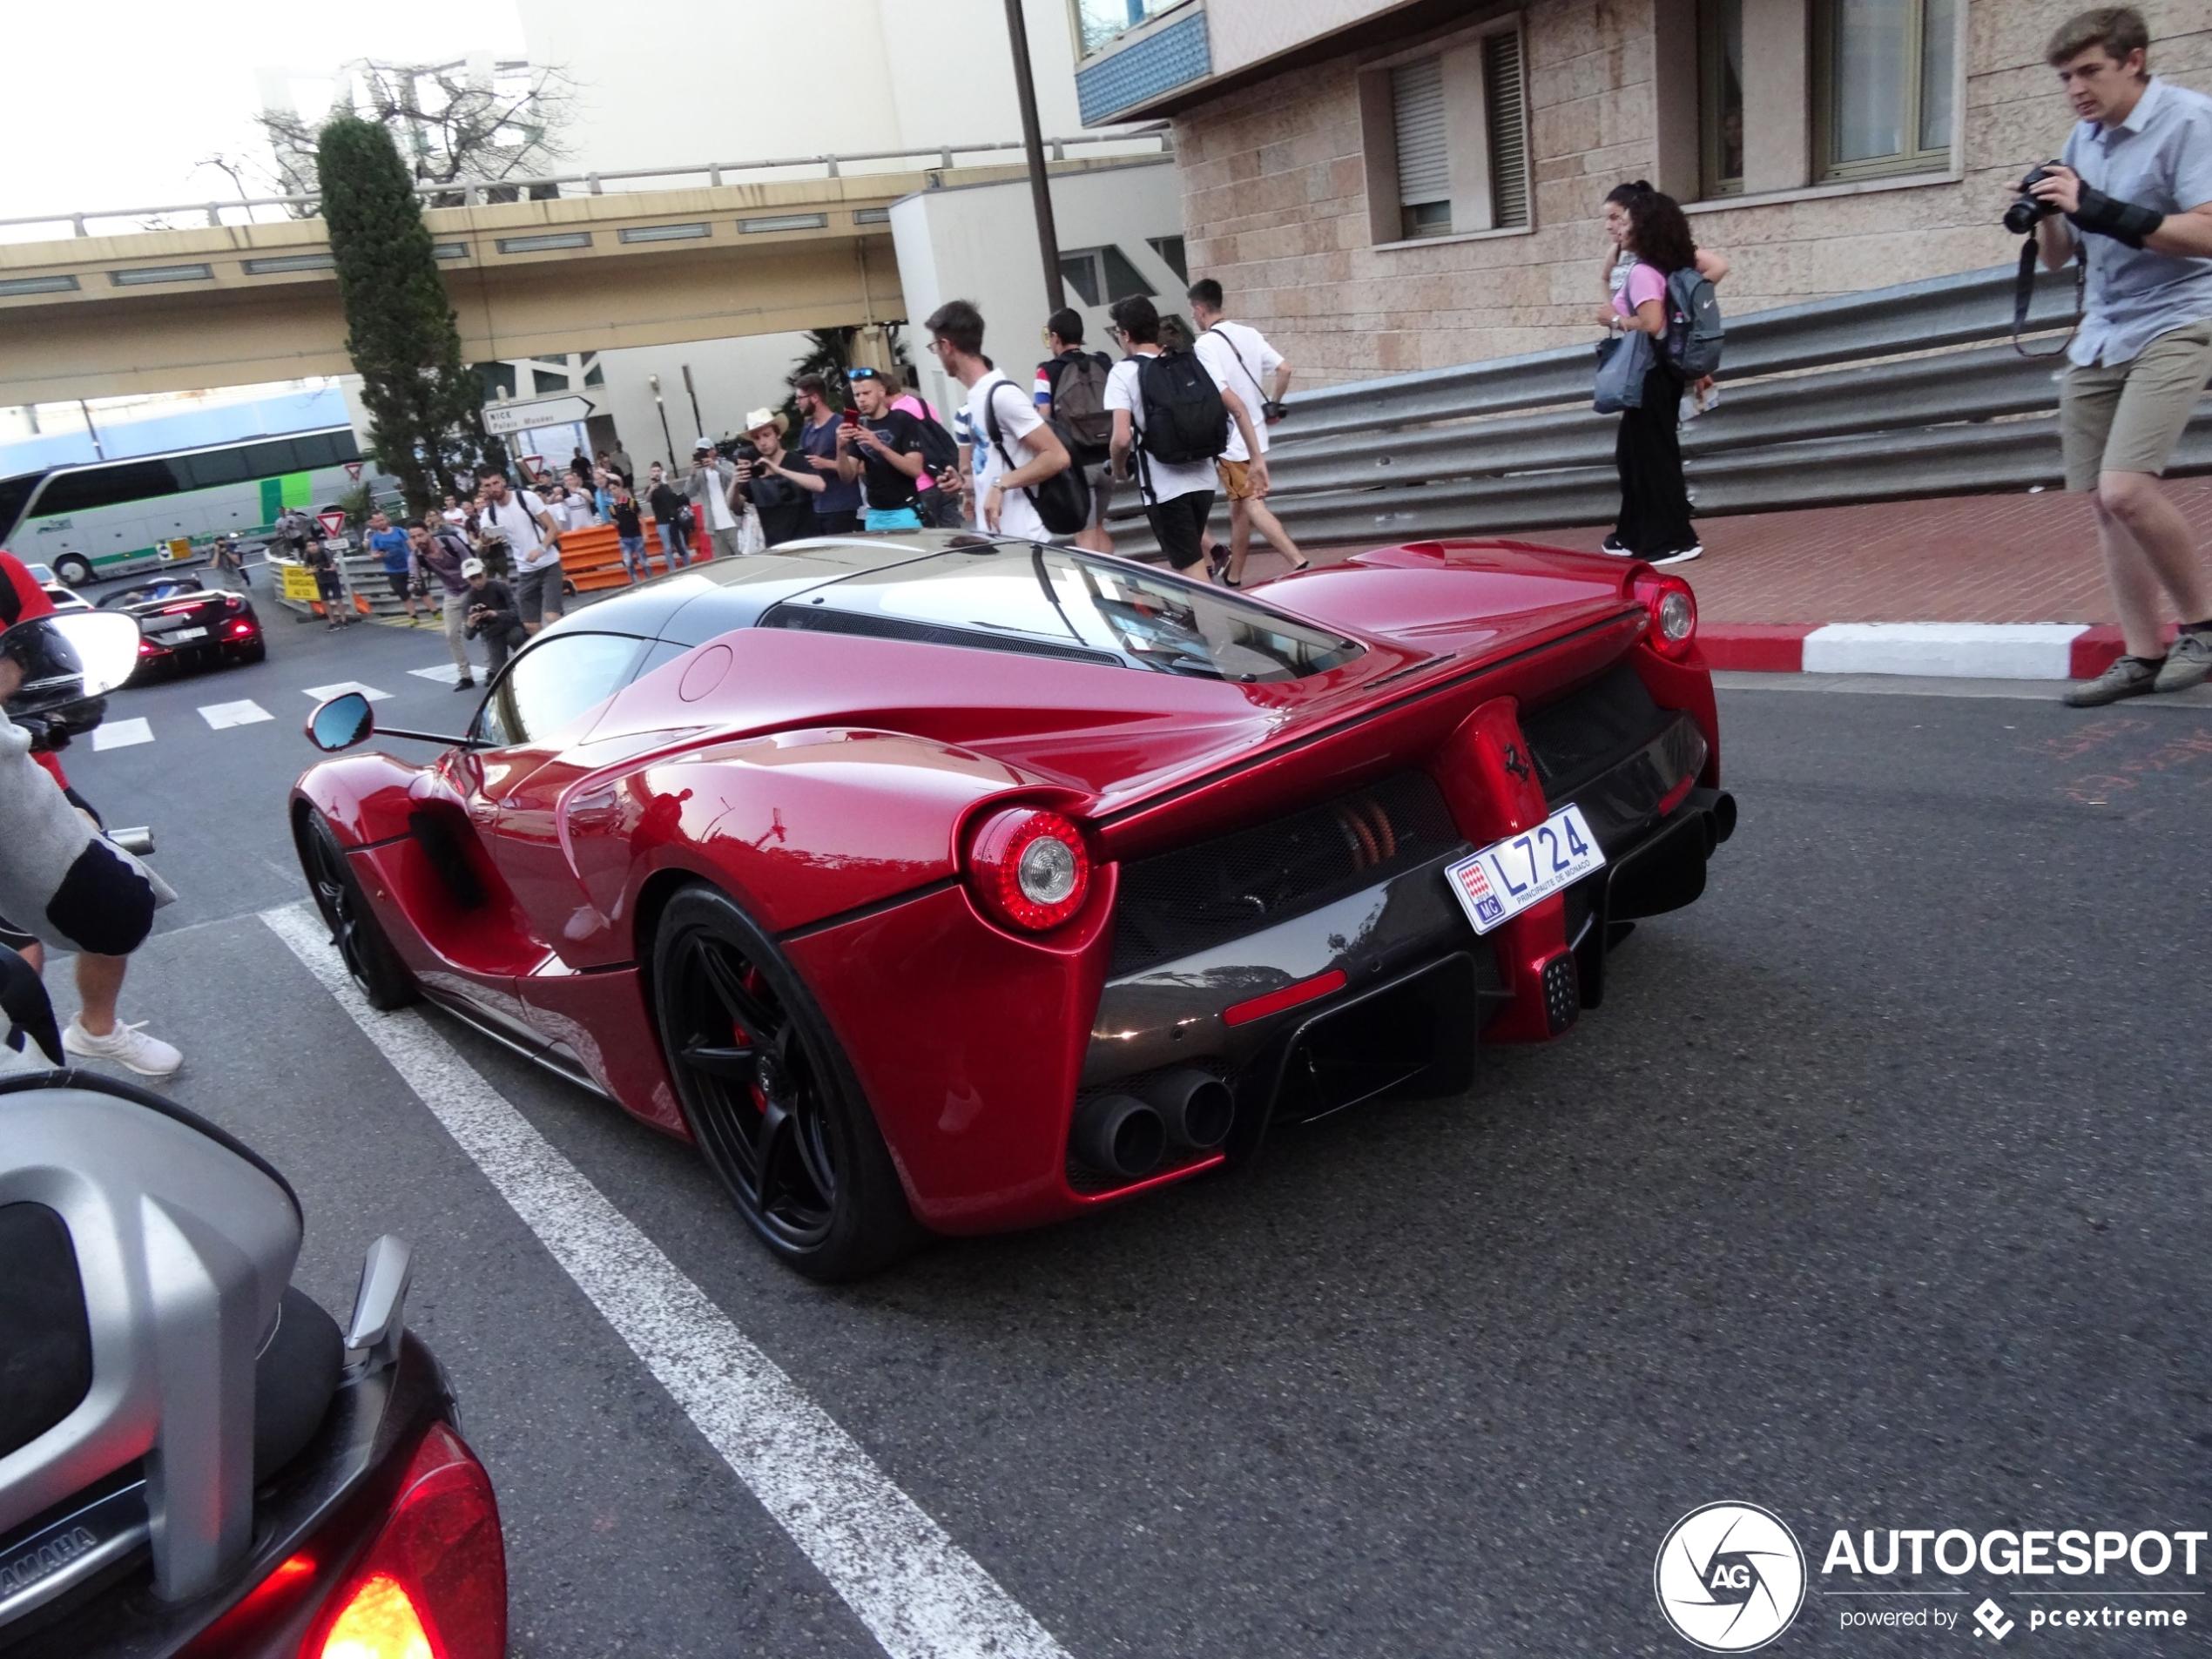 Gespot: Ferrari LaFerrari in Monaco omsingeld door spotters